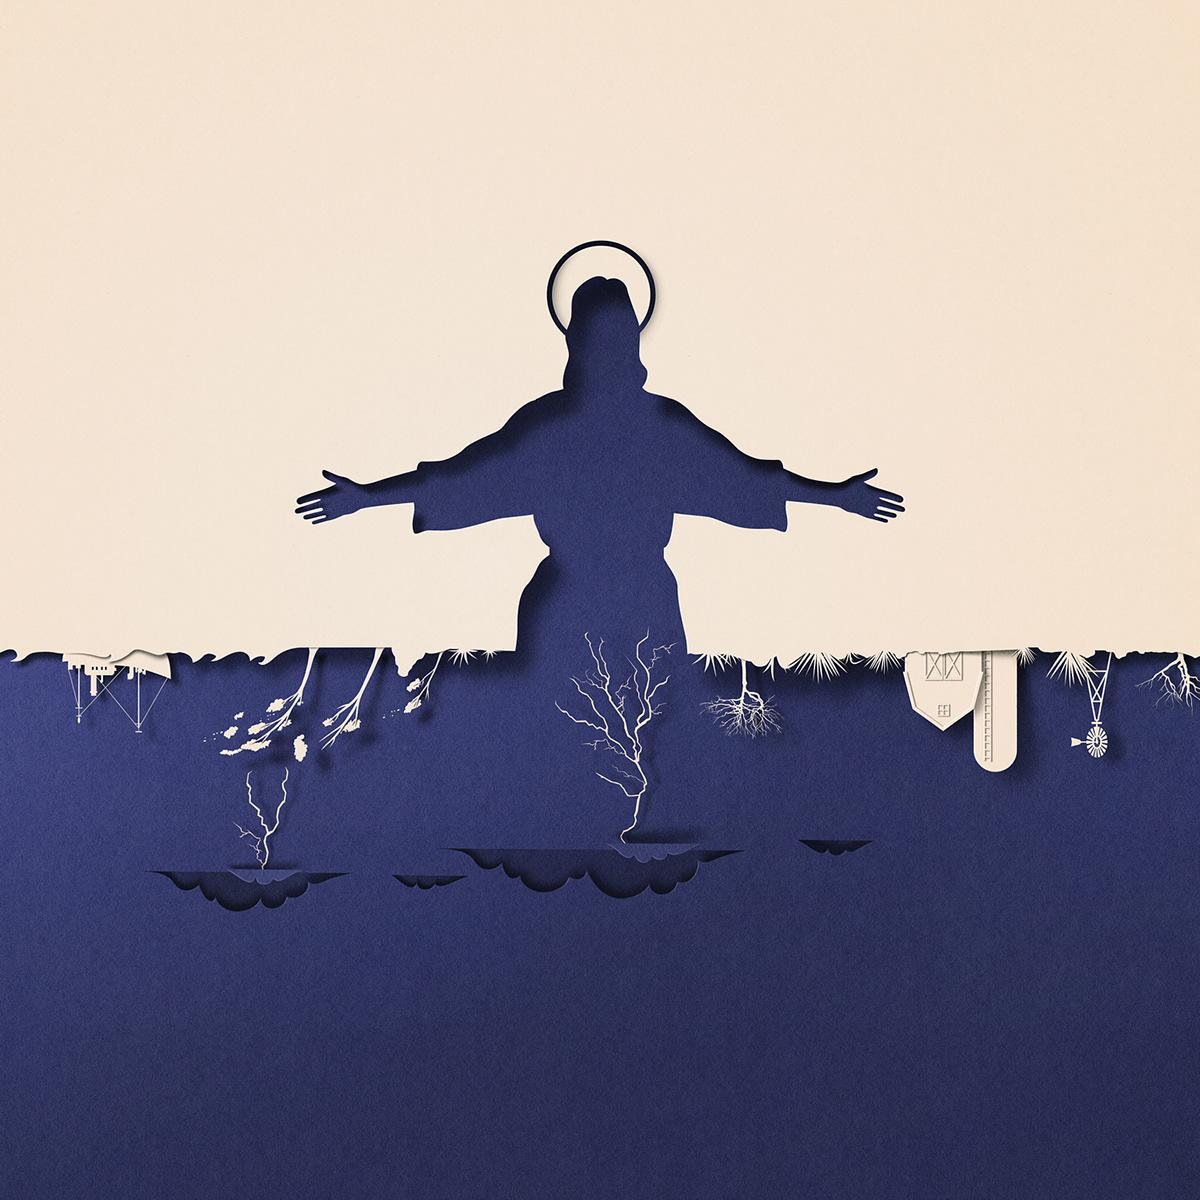 聚焦气候变化主题:Eiko Ojala剪纸风格插画